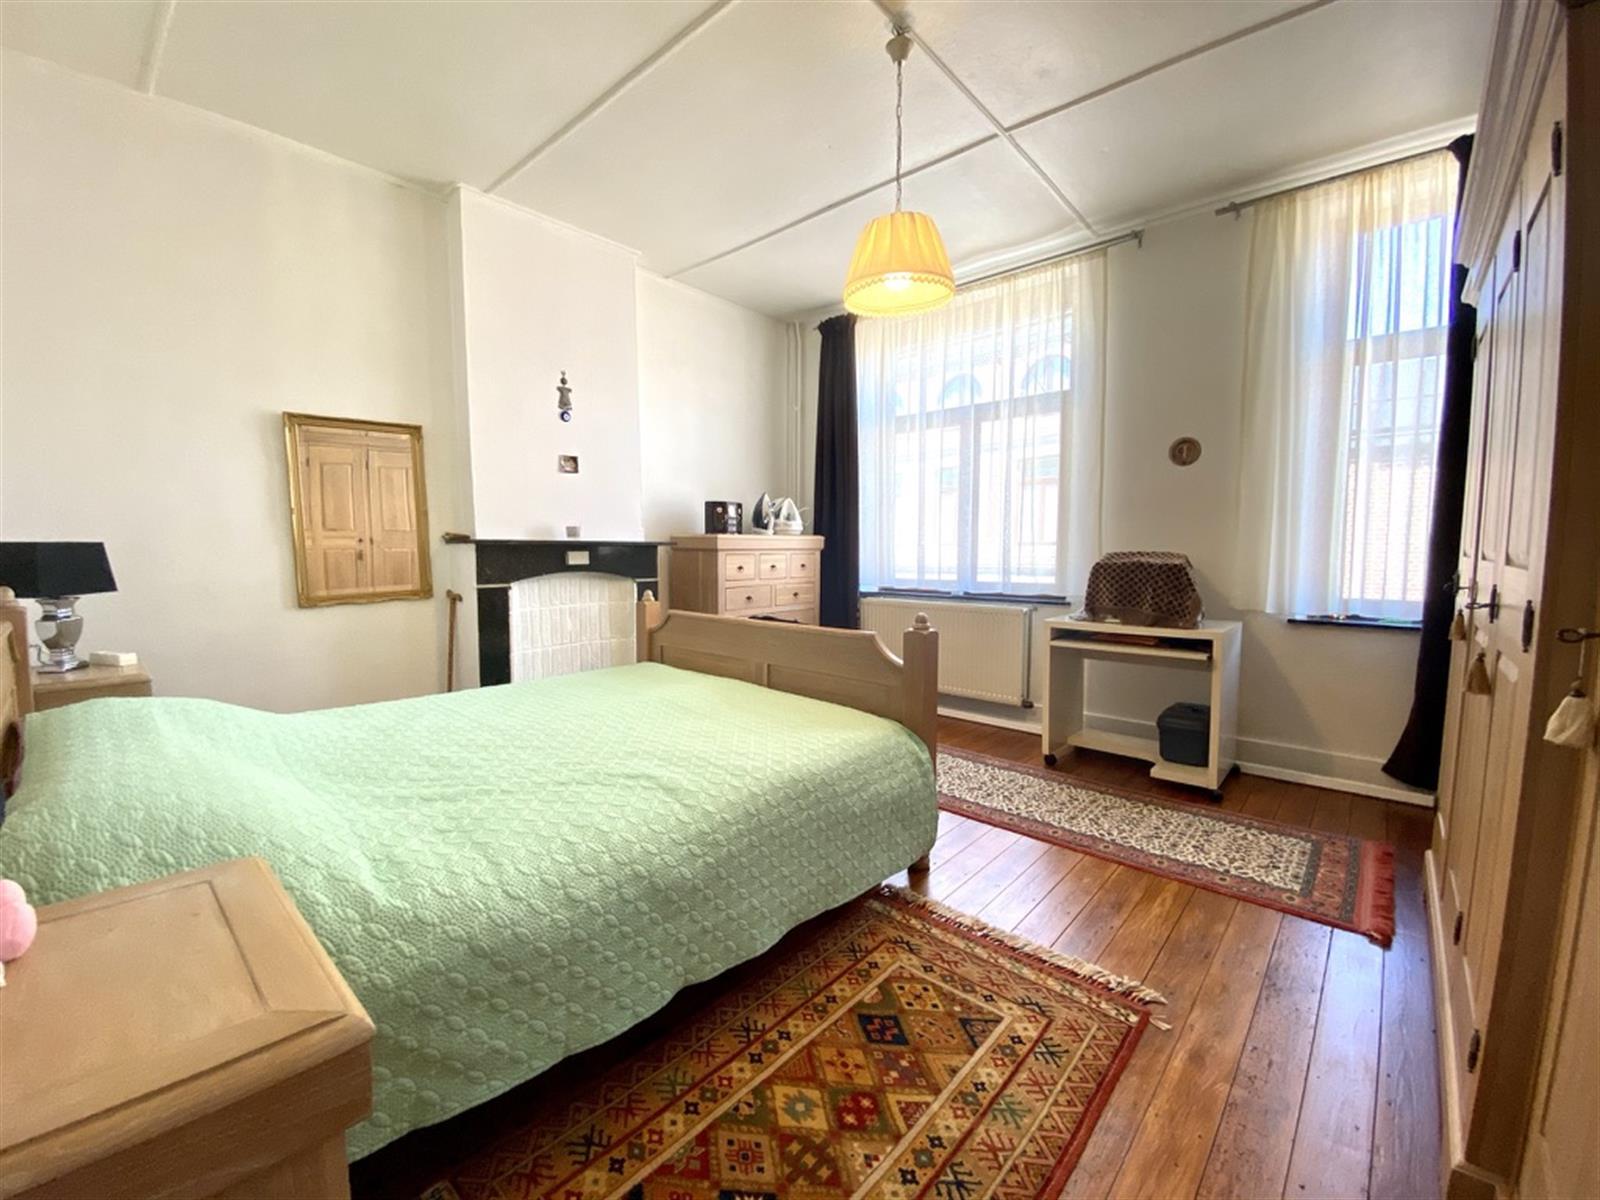 Maison unifamiliale - Saint-Nicolas - #4499549-6